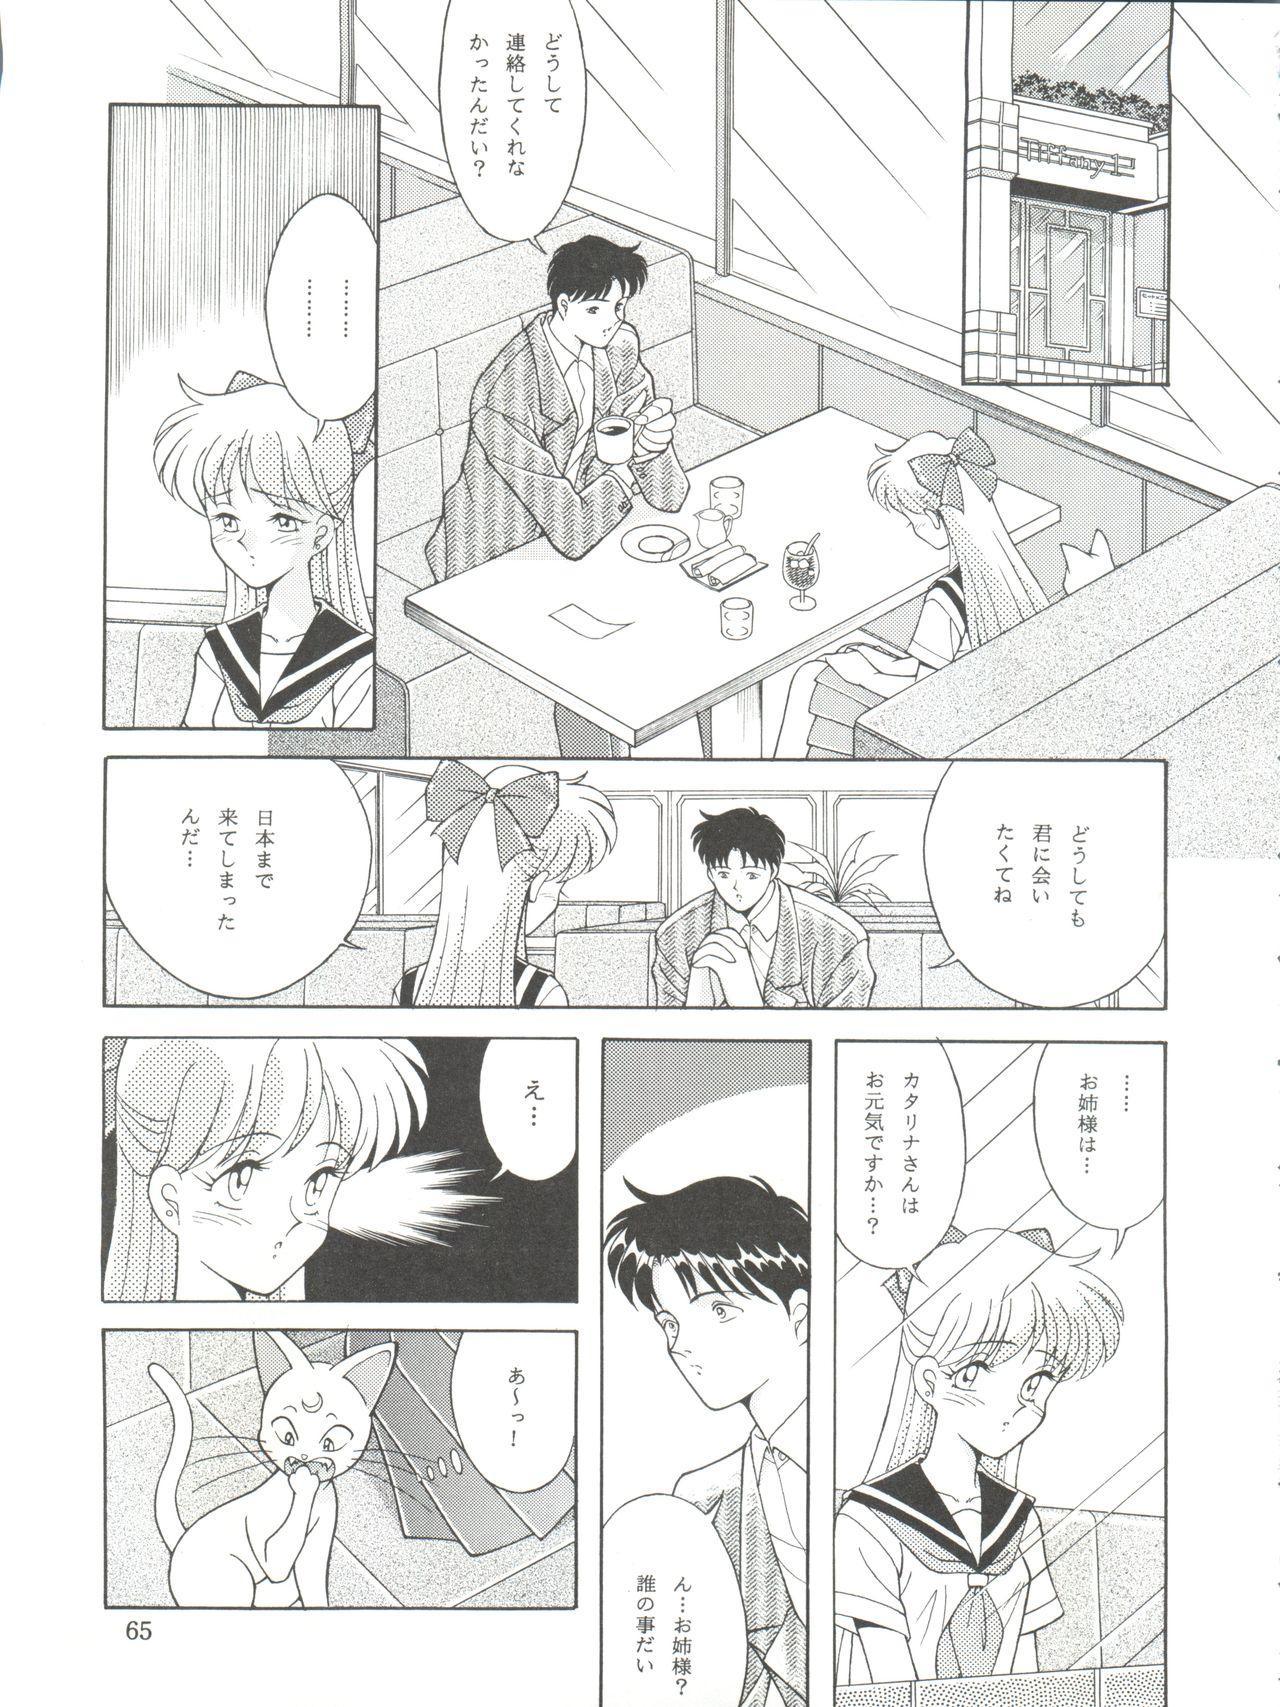 NANIWA-YA FINAL DRESS UP! 64